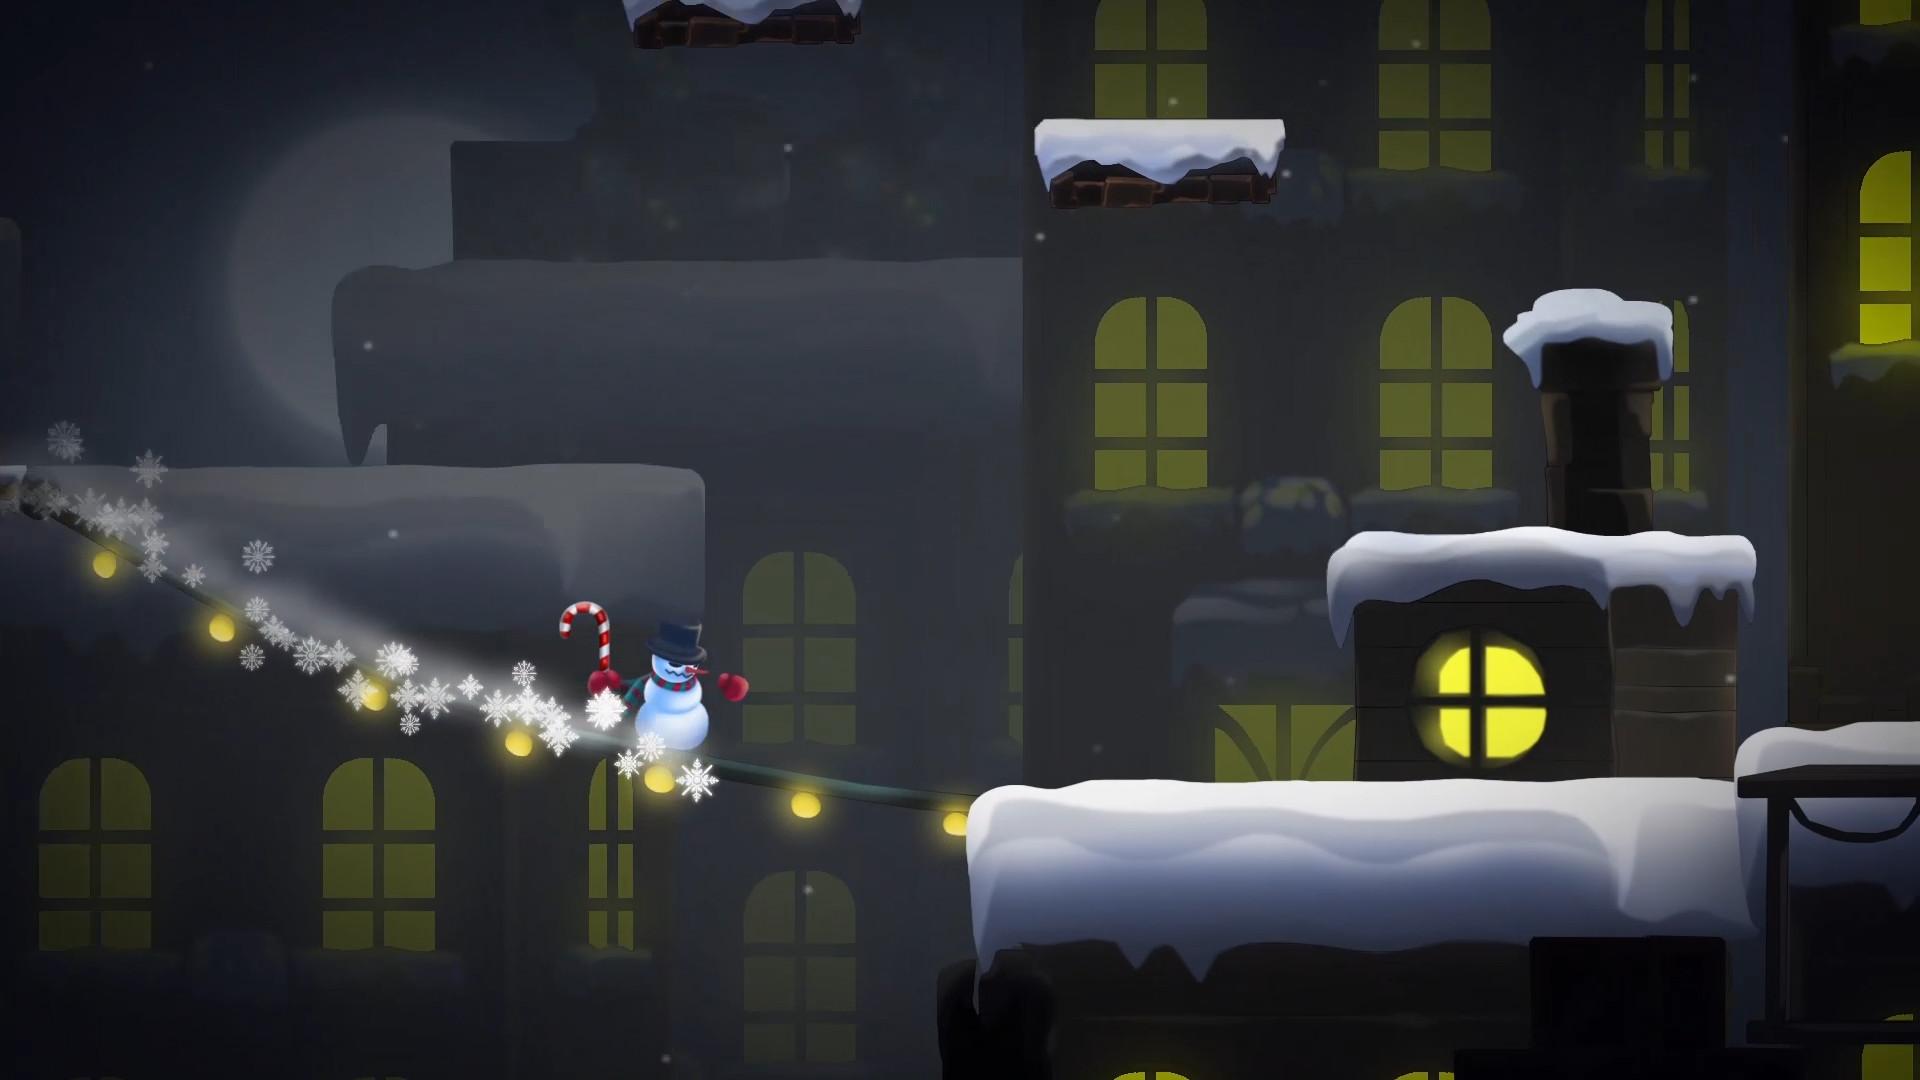 炽热的雪/炽热白雪 v1.0.0